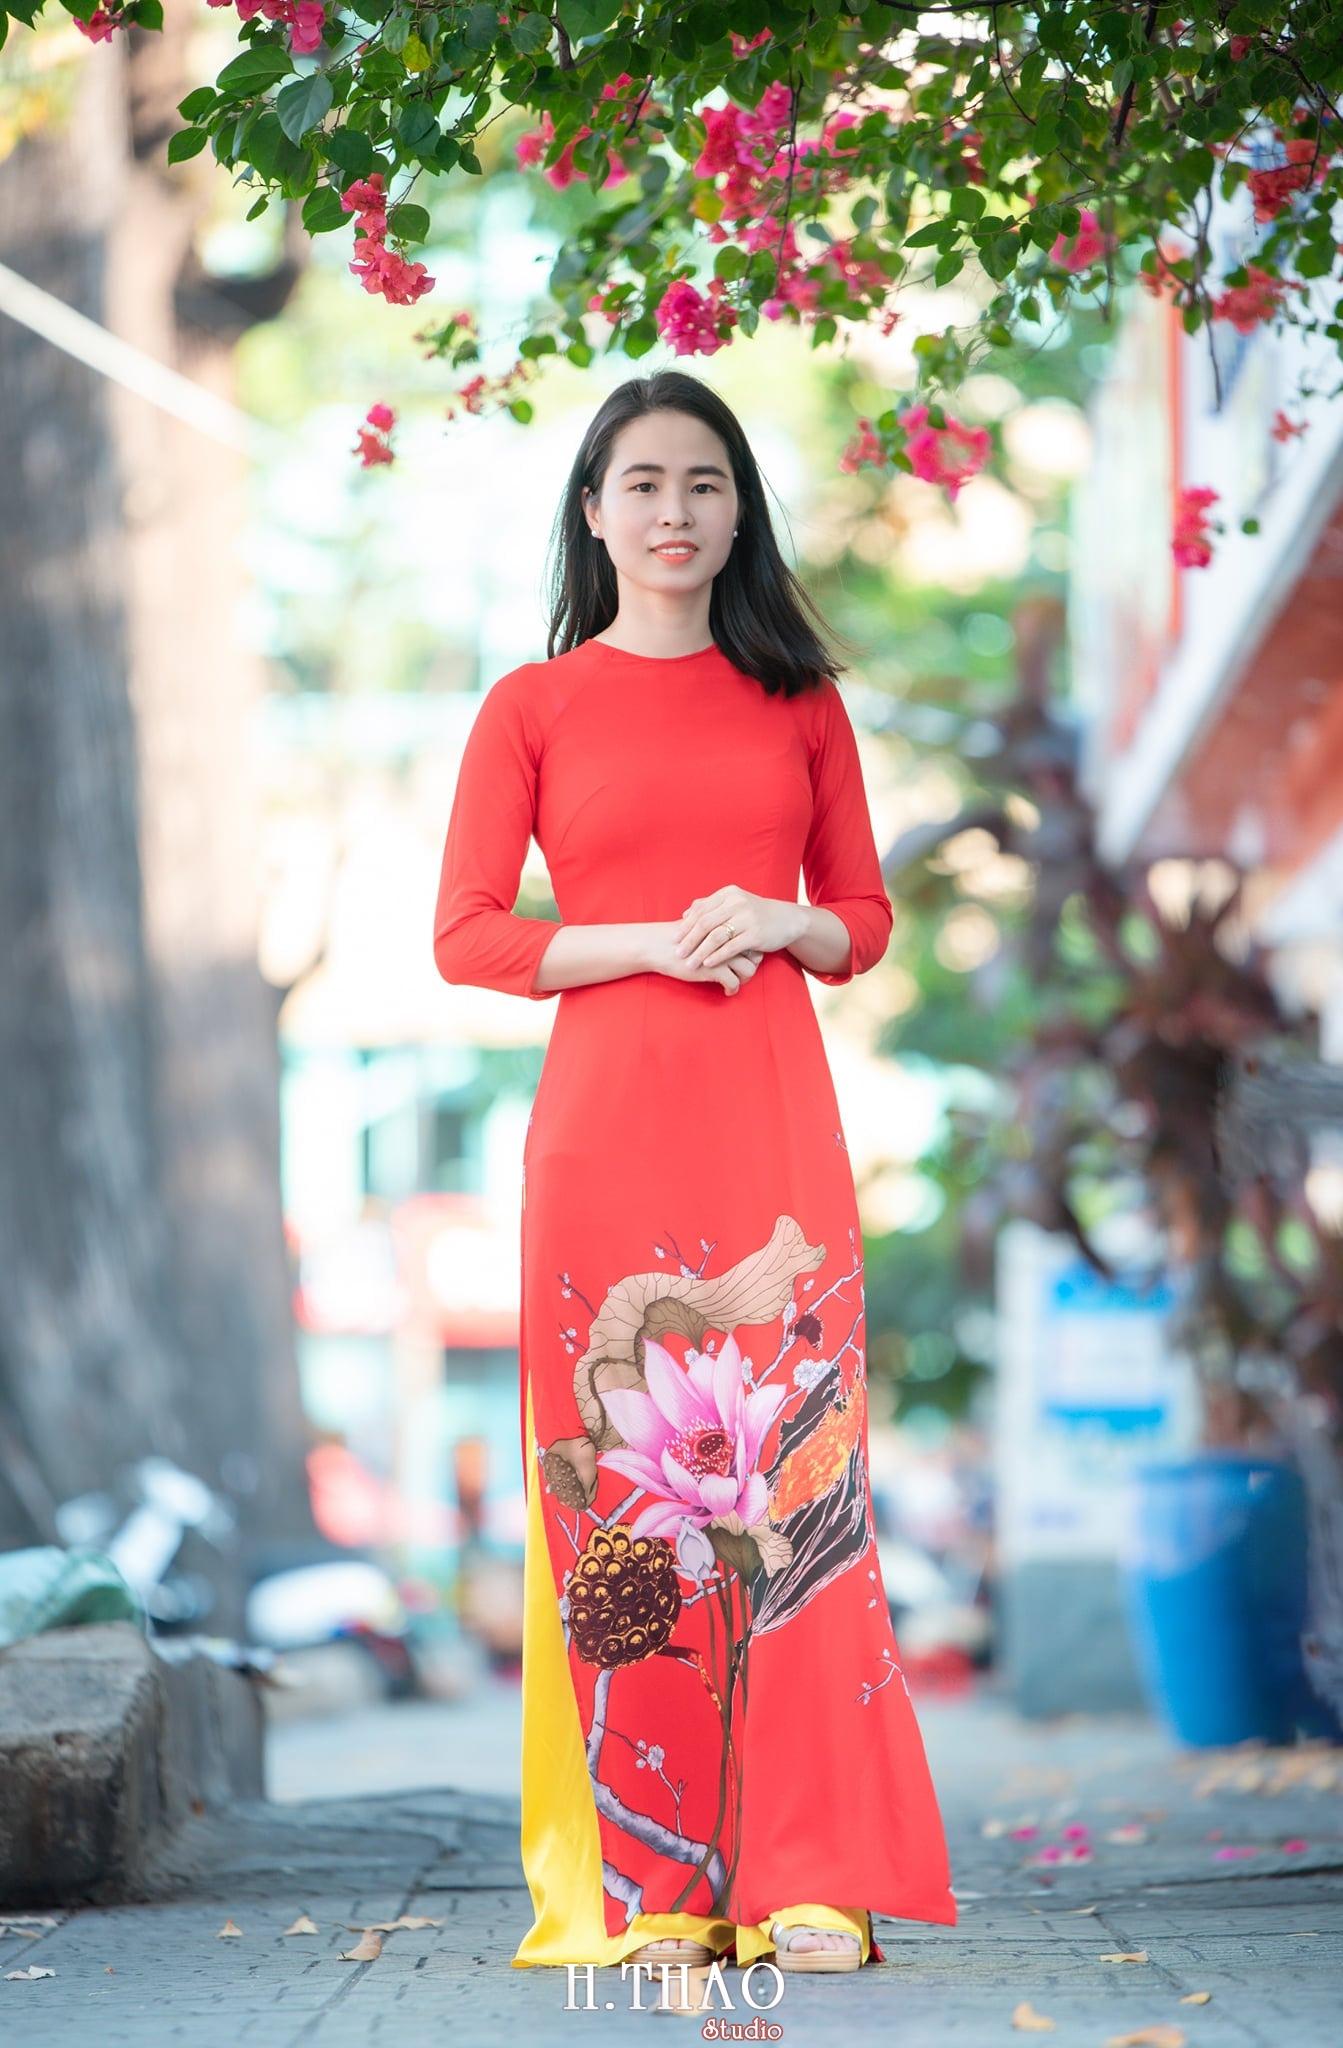 Ao dai 11 1 - Tổng hợp album ảnh áo dài chụp tại nhà thờ Đức Bà - HThao Studio